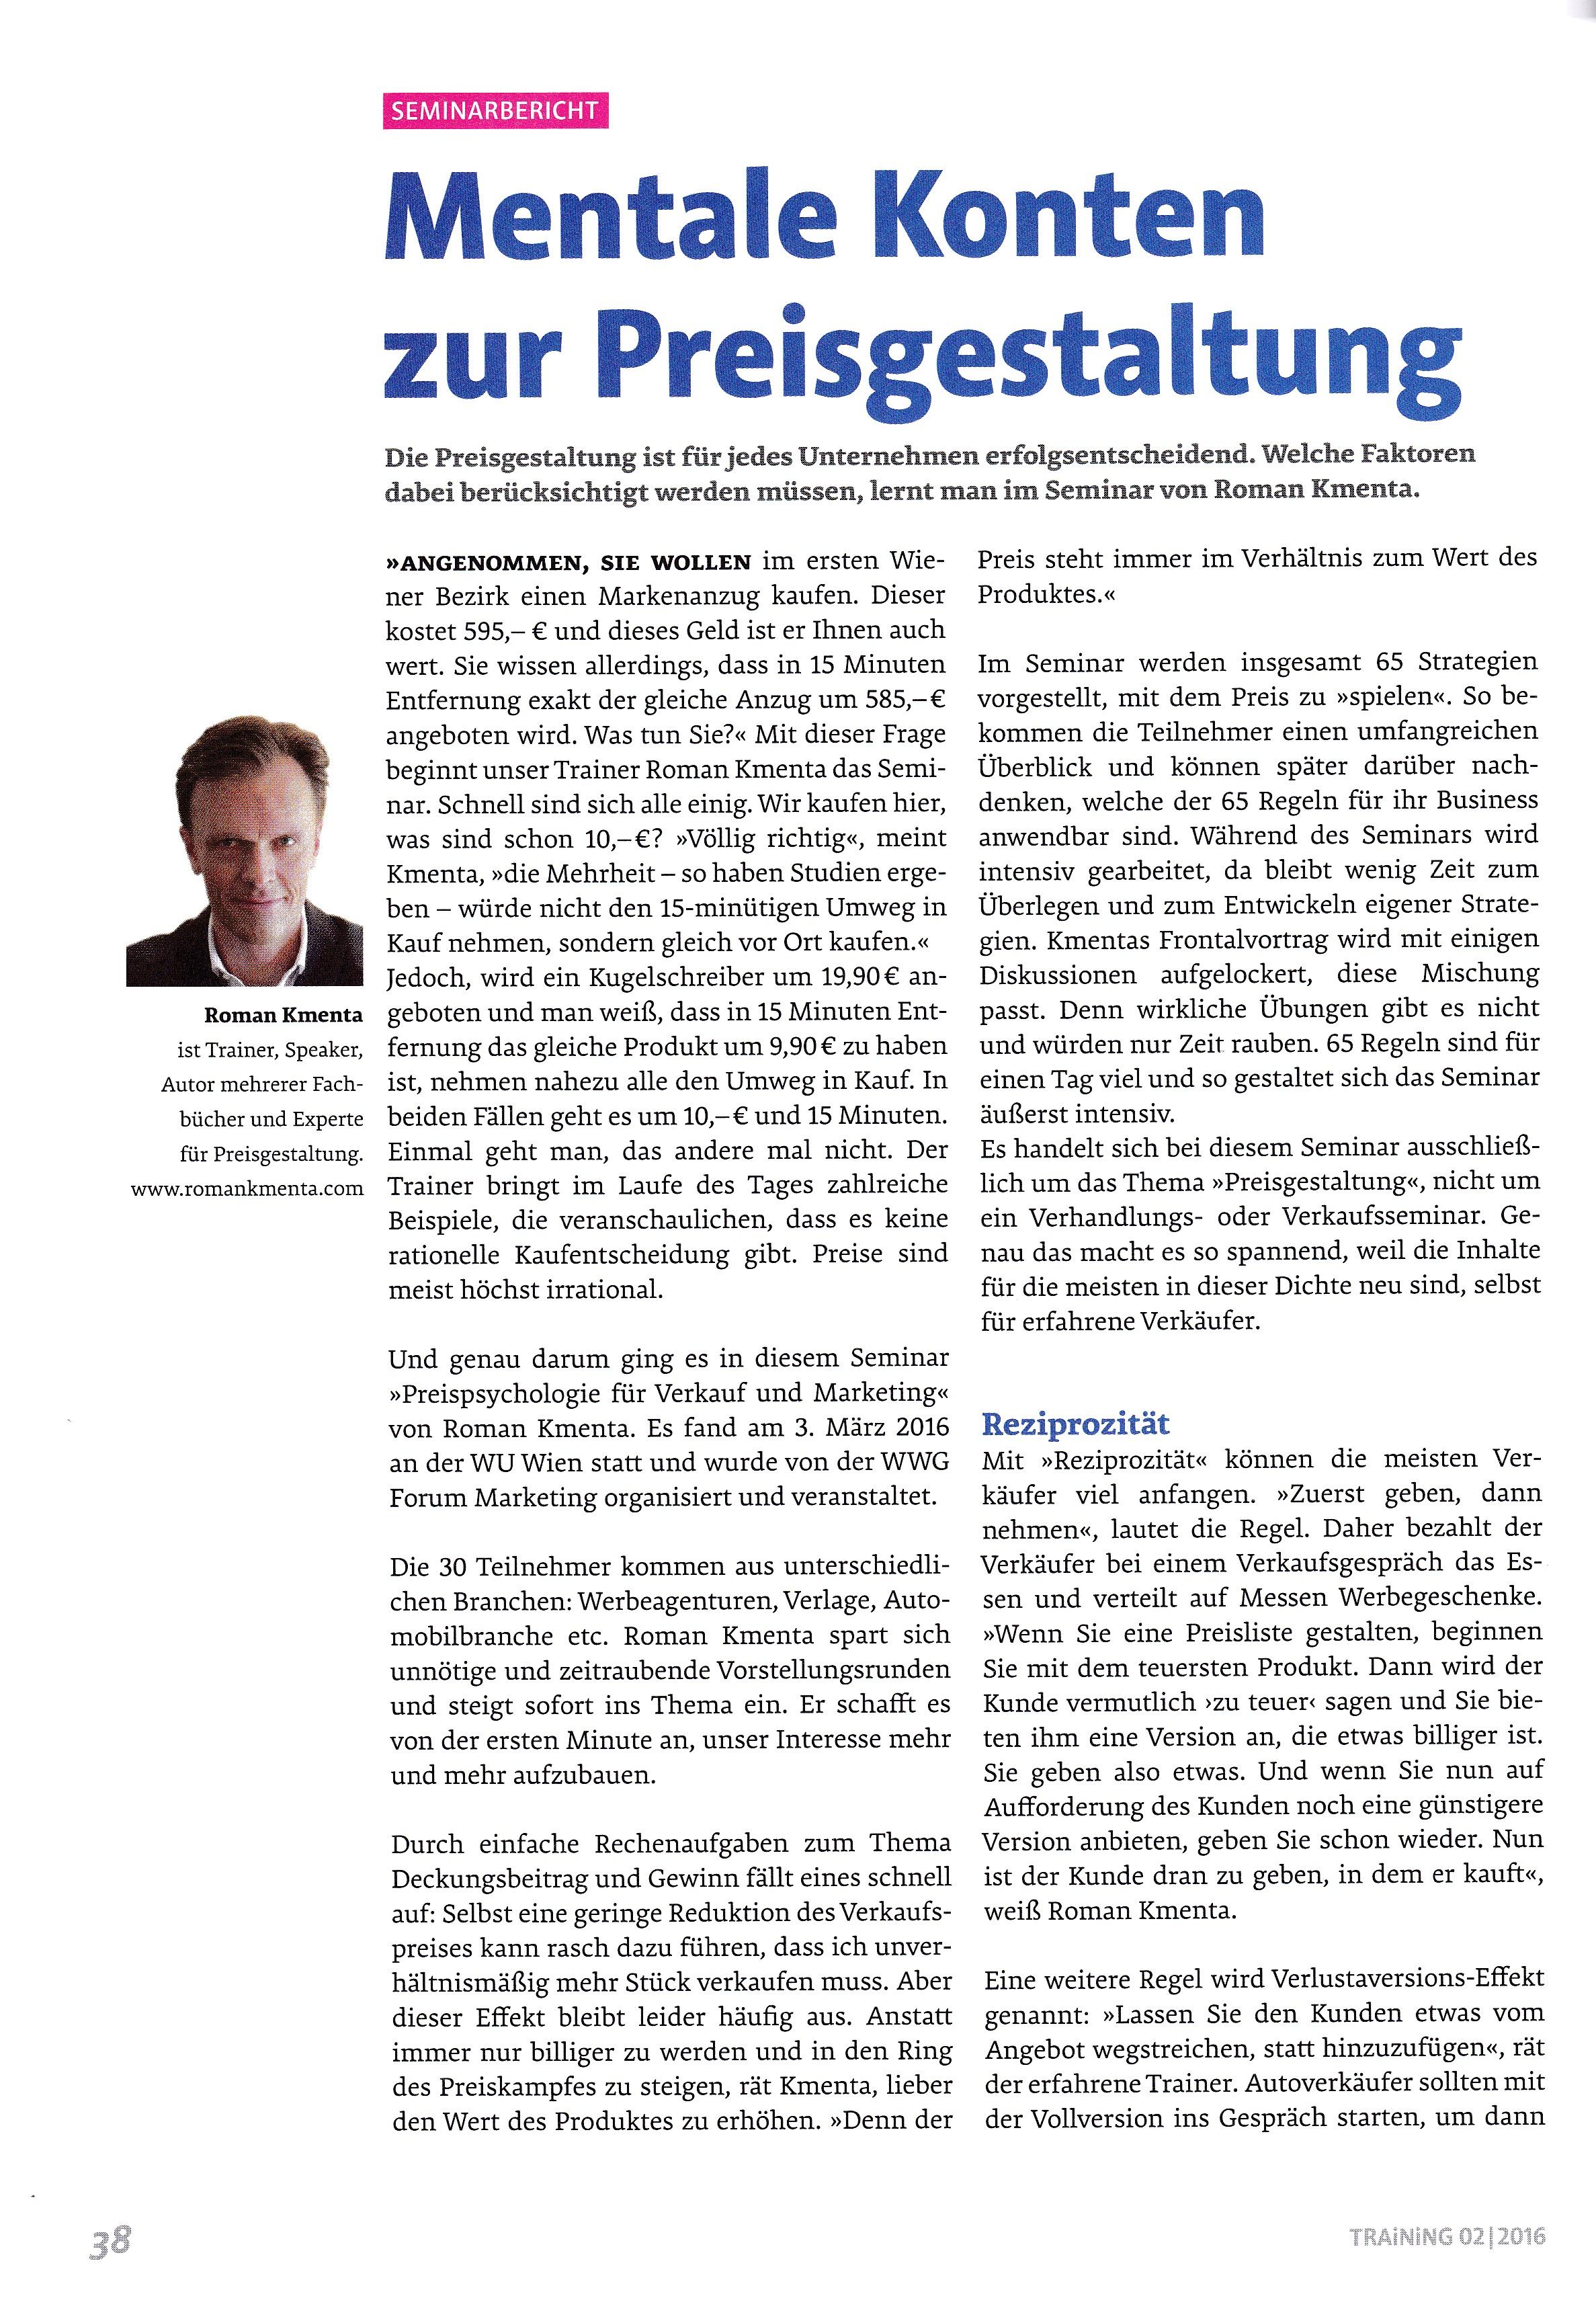 TRAINING Magazin - Seite 1- Roman Kmenta - Vortragsredner und Autor